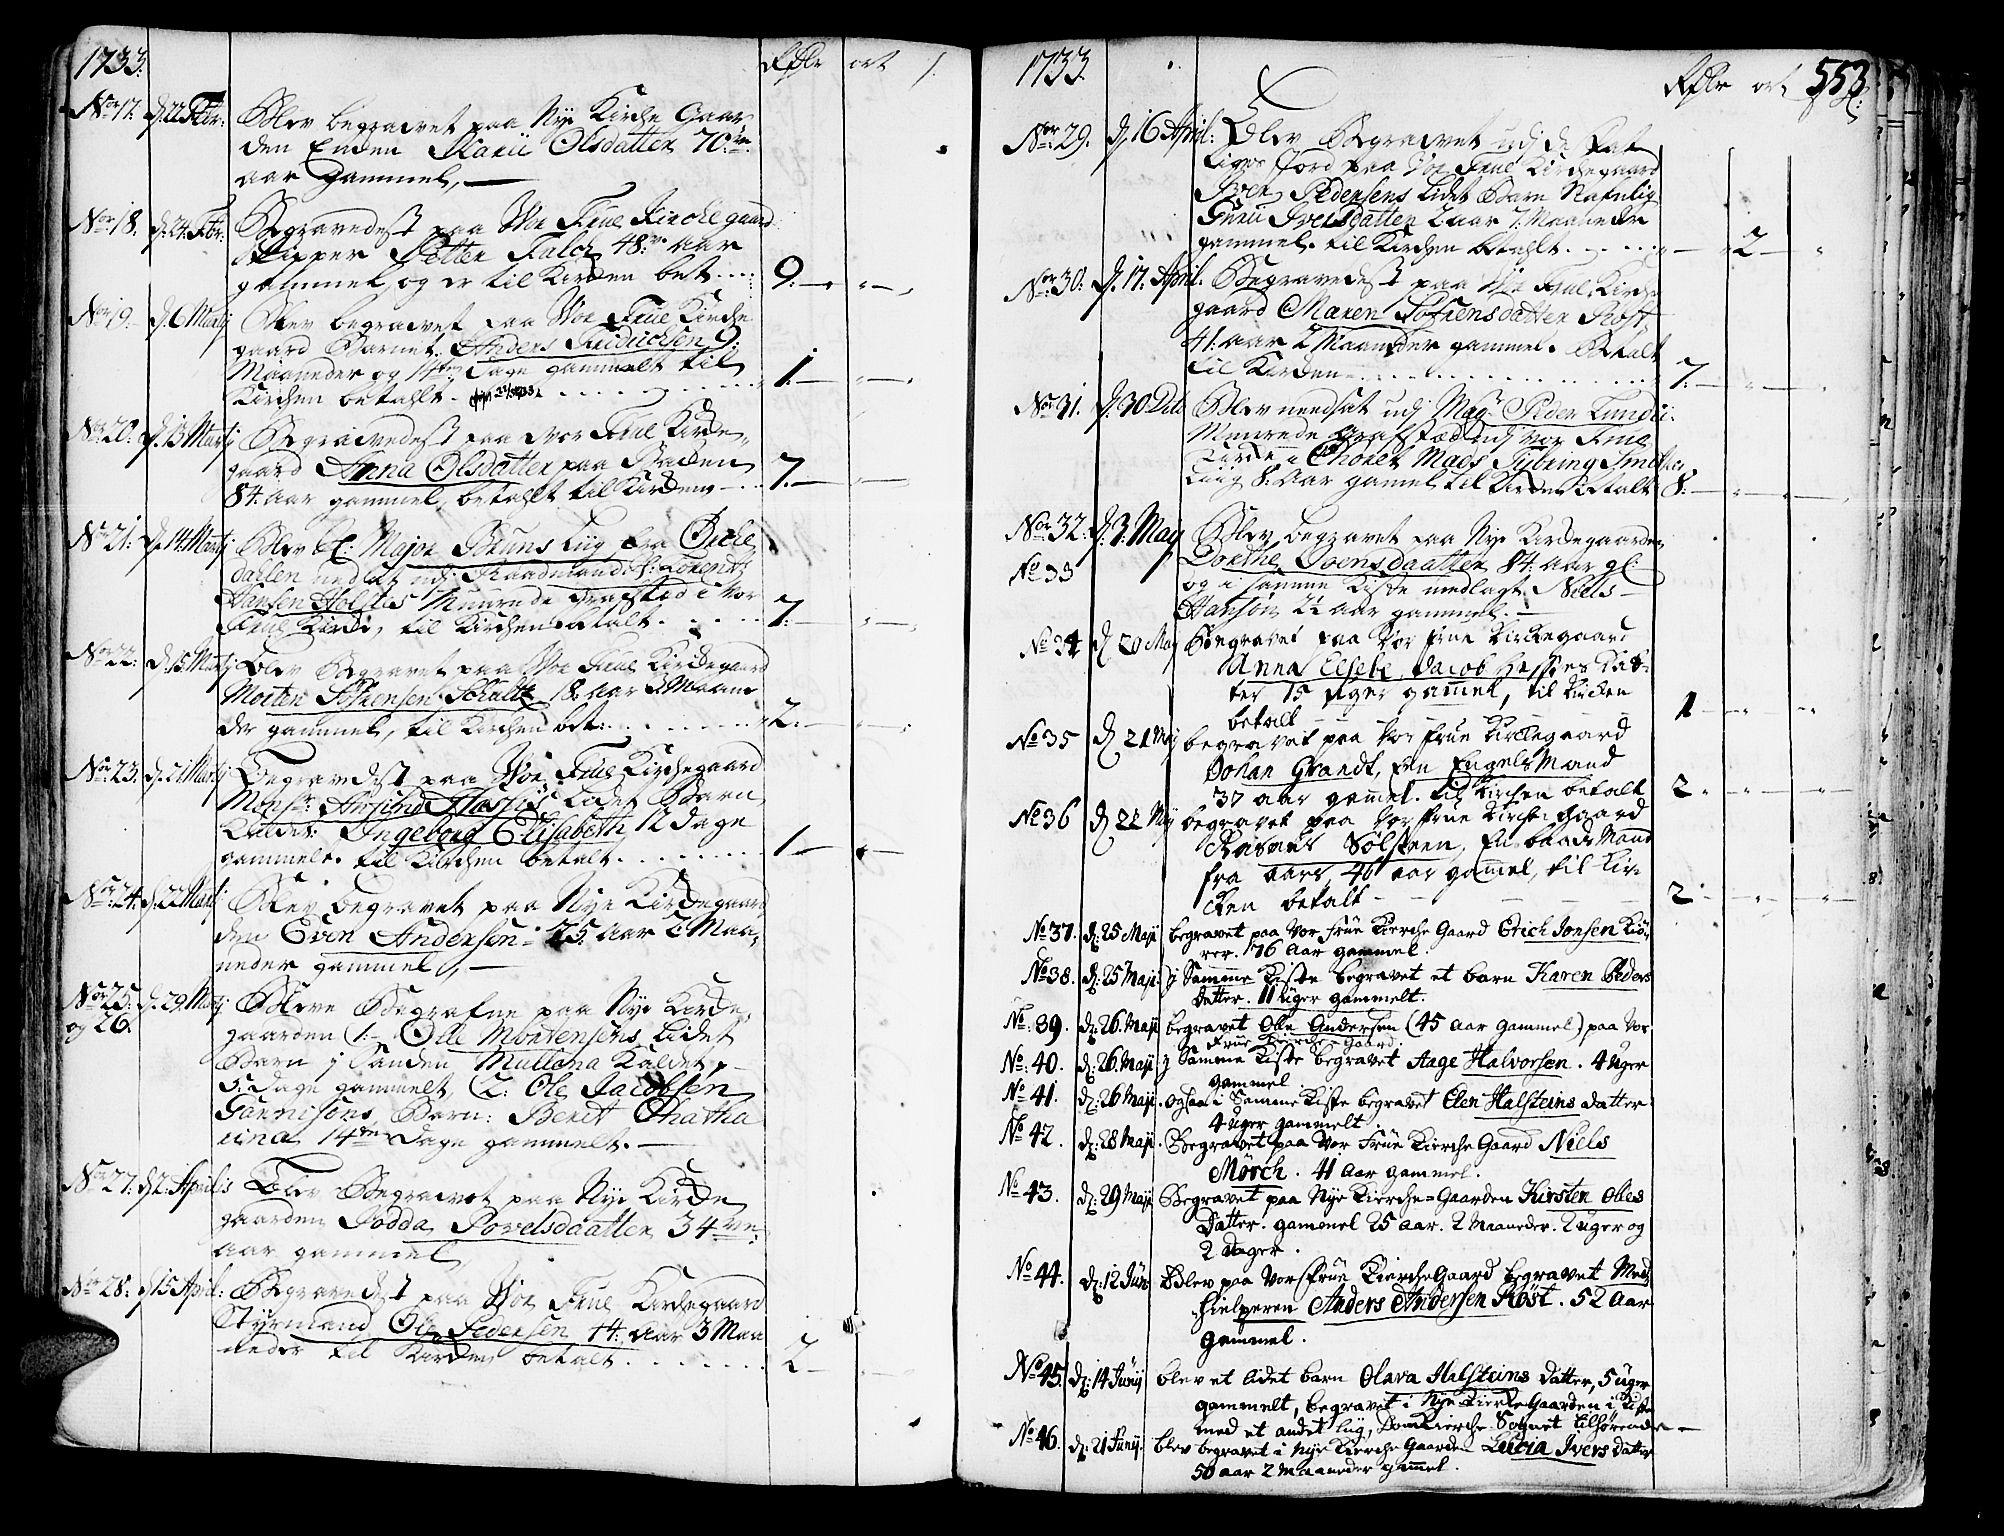 SAT, Ministerialprotokoller, klokkerbøker og fødselsregistre - Sør-Trøndelag, 602/L0103: Ministerialbok nr. 602A01, 1732-1774, s. 553